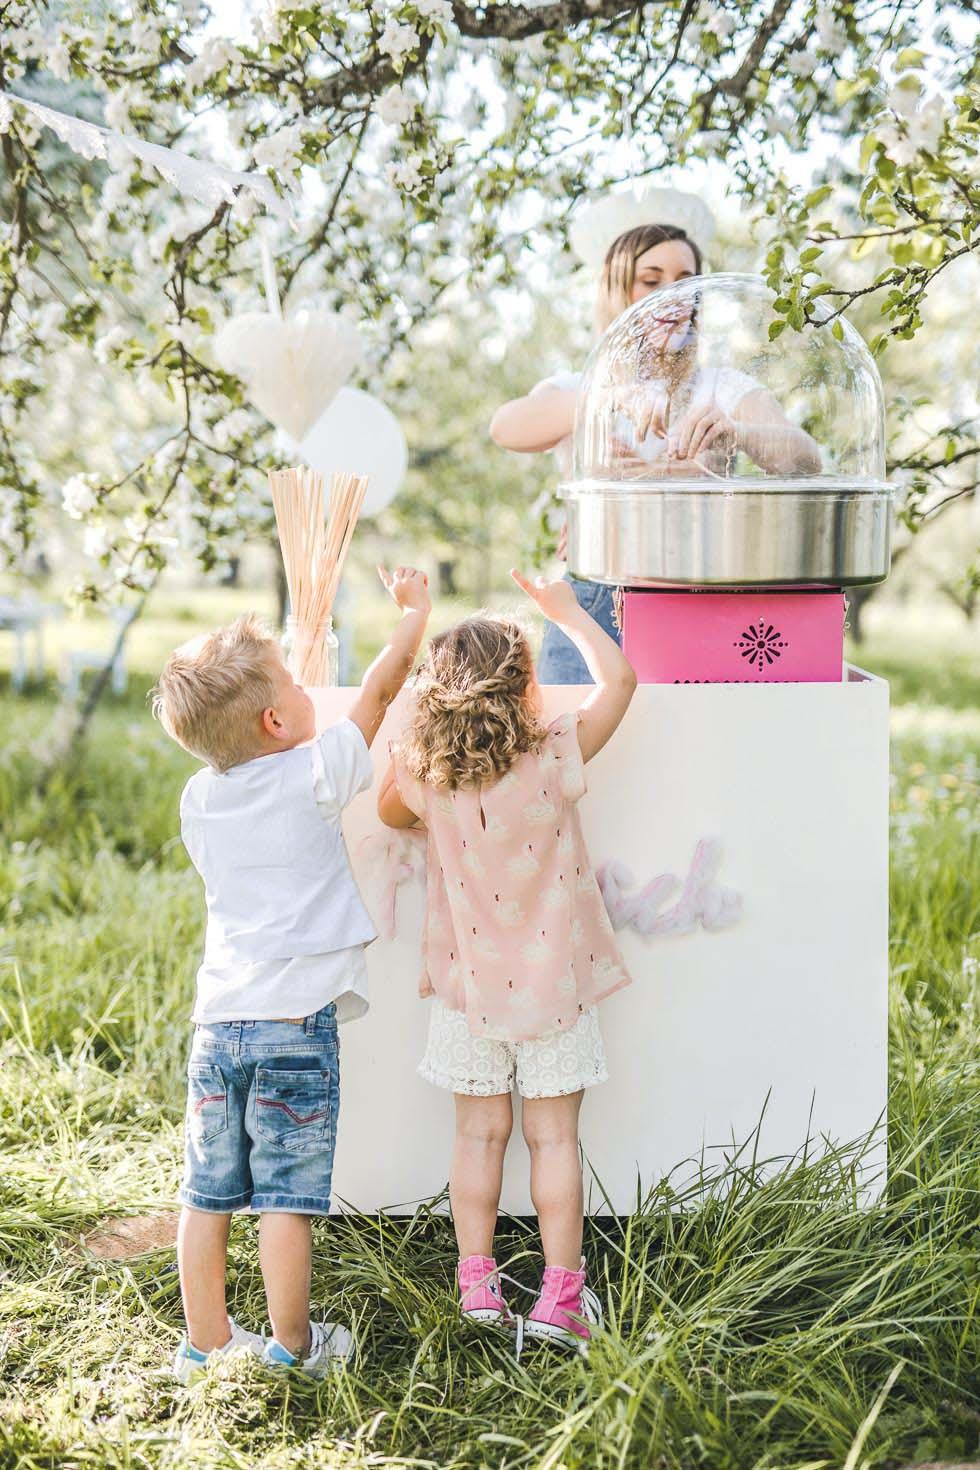 Kinder Hochzeit Zuckerwattestand